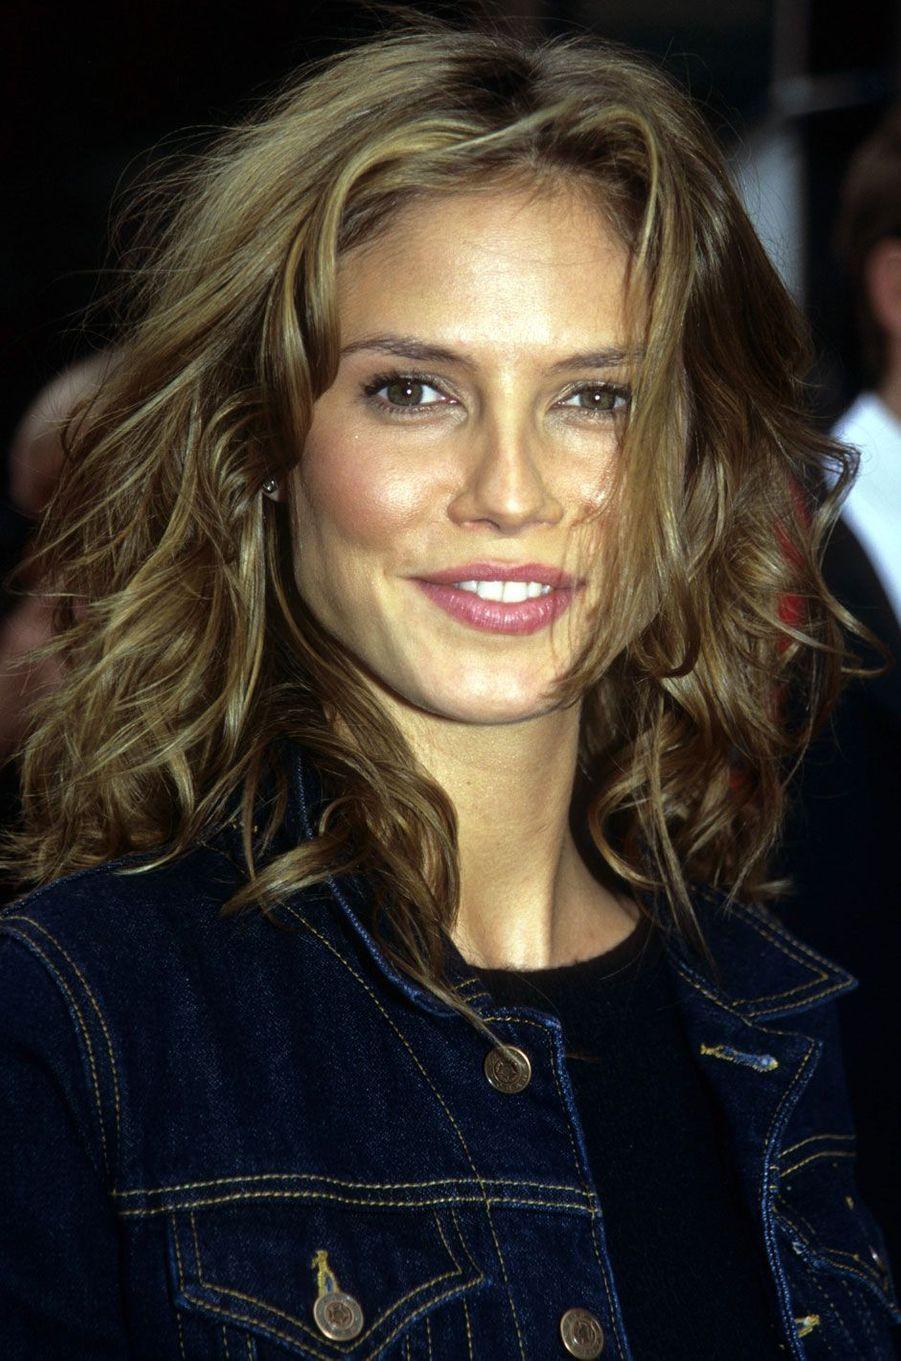 Heidi Klum en 2000